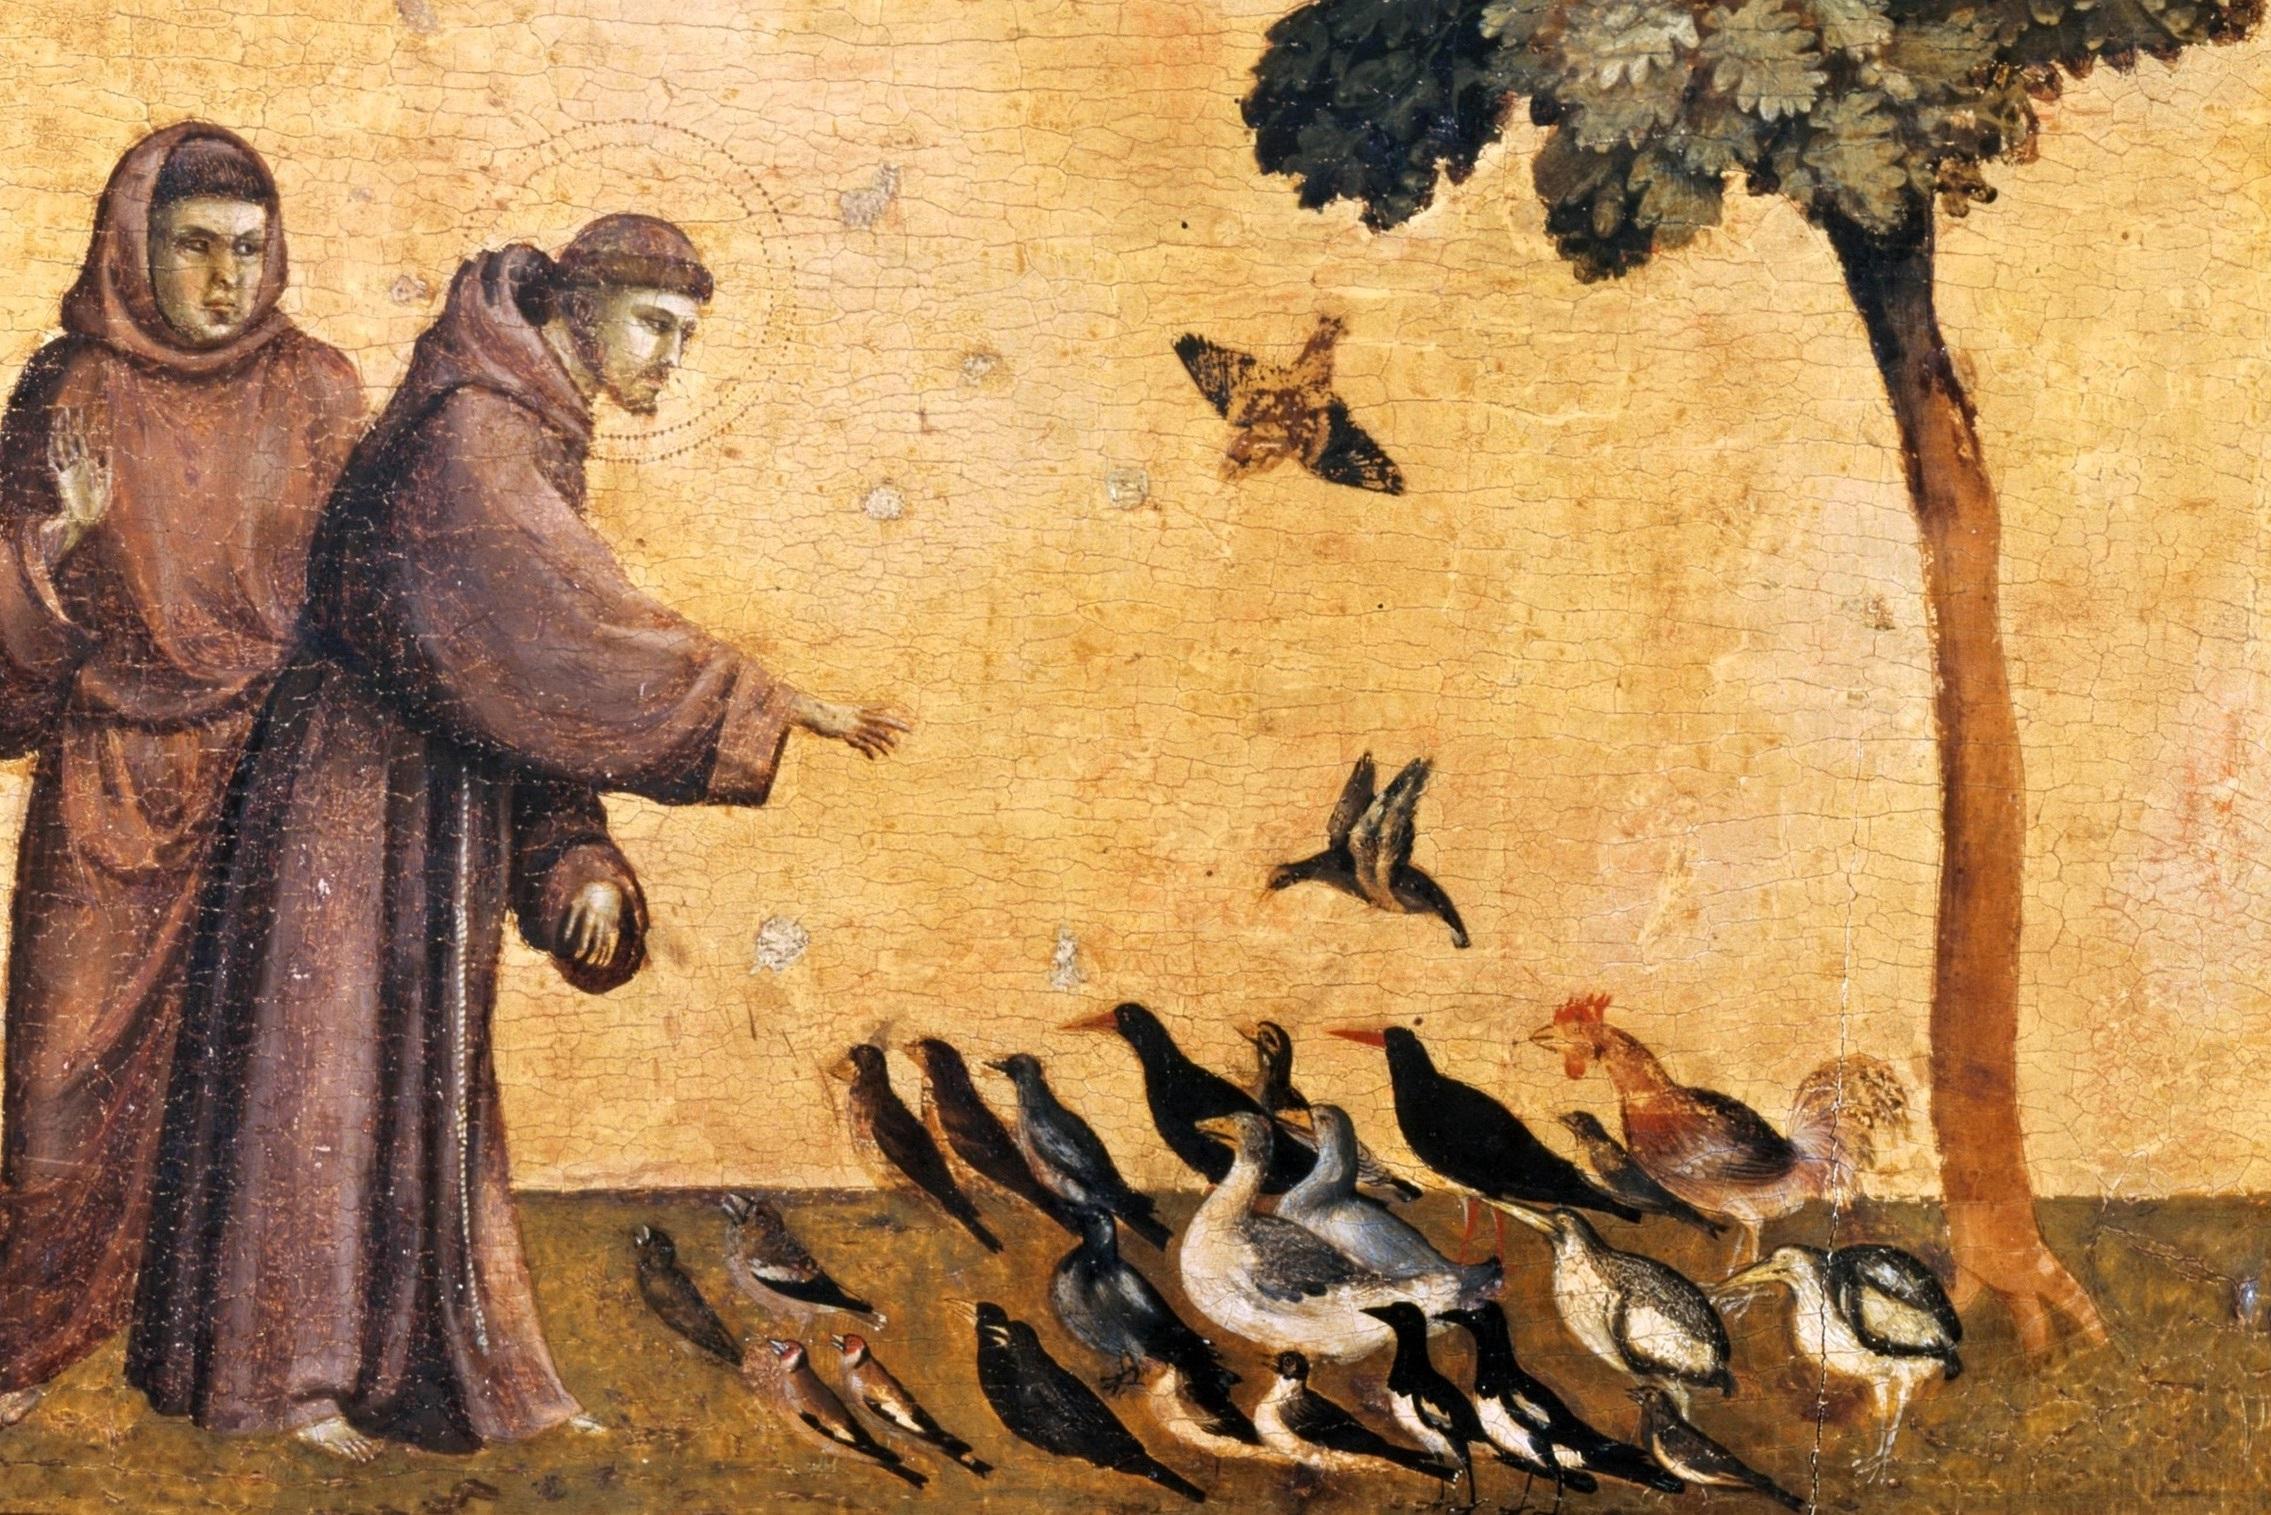 Св. Франциск Ассизский «Песнь о брате Солнце, или Хвалы творений»